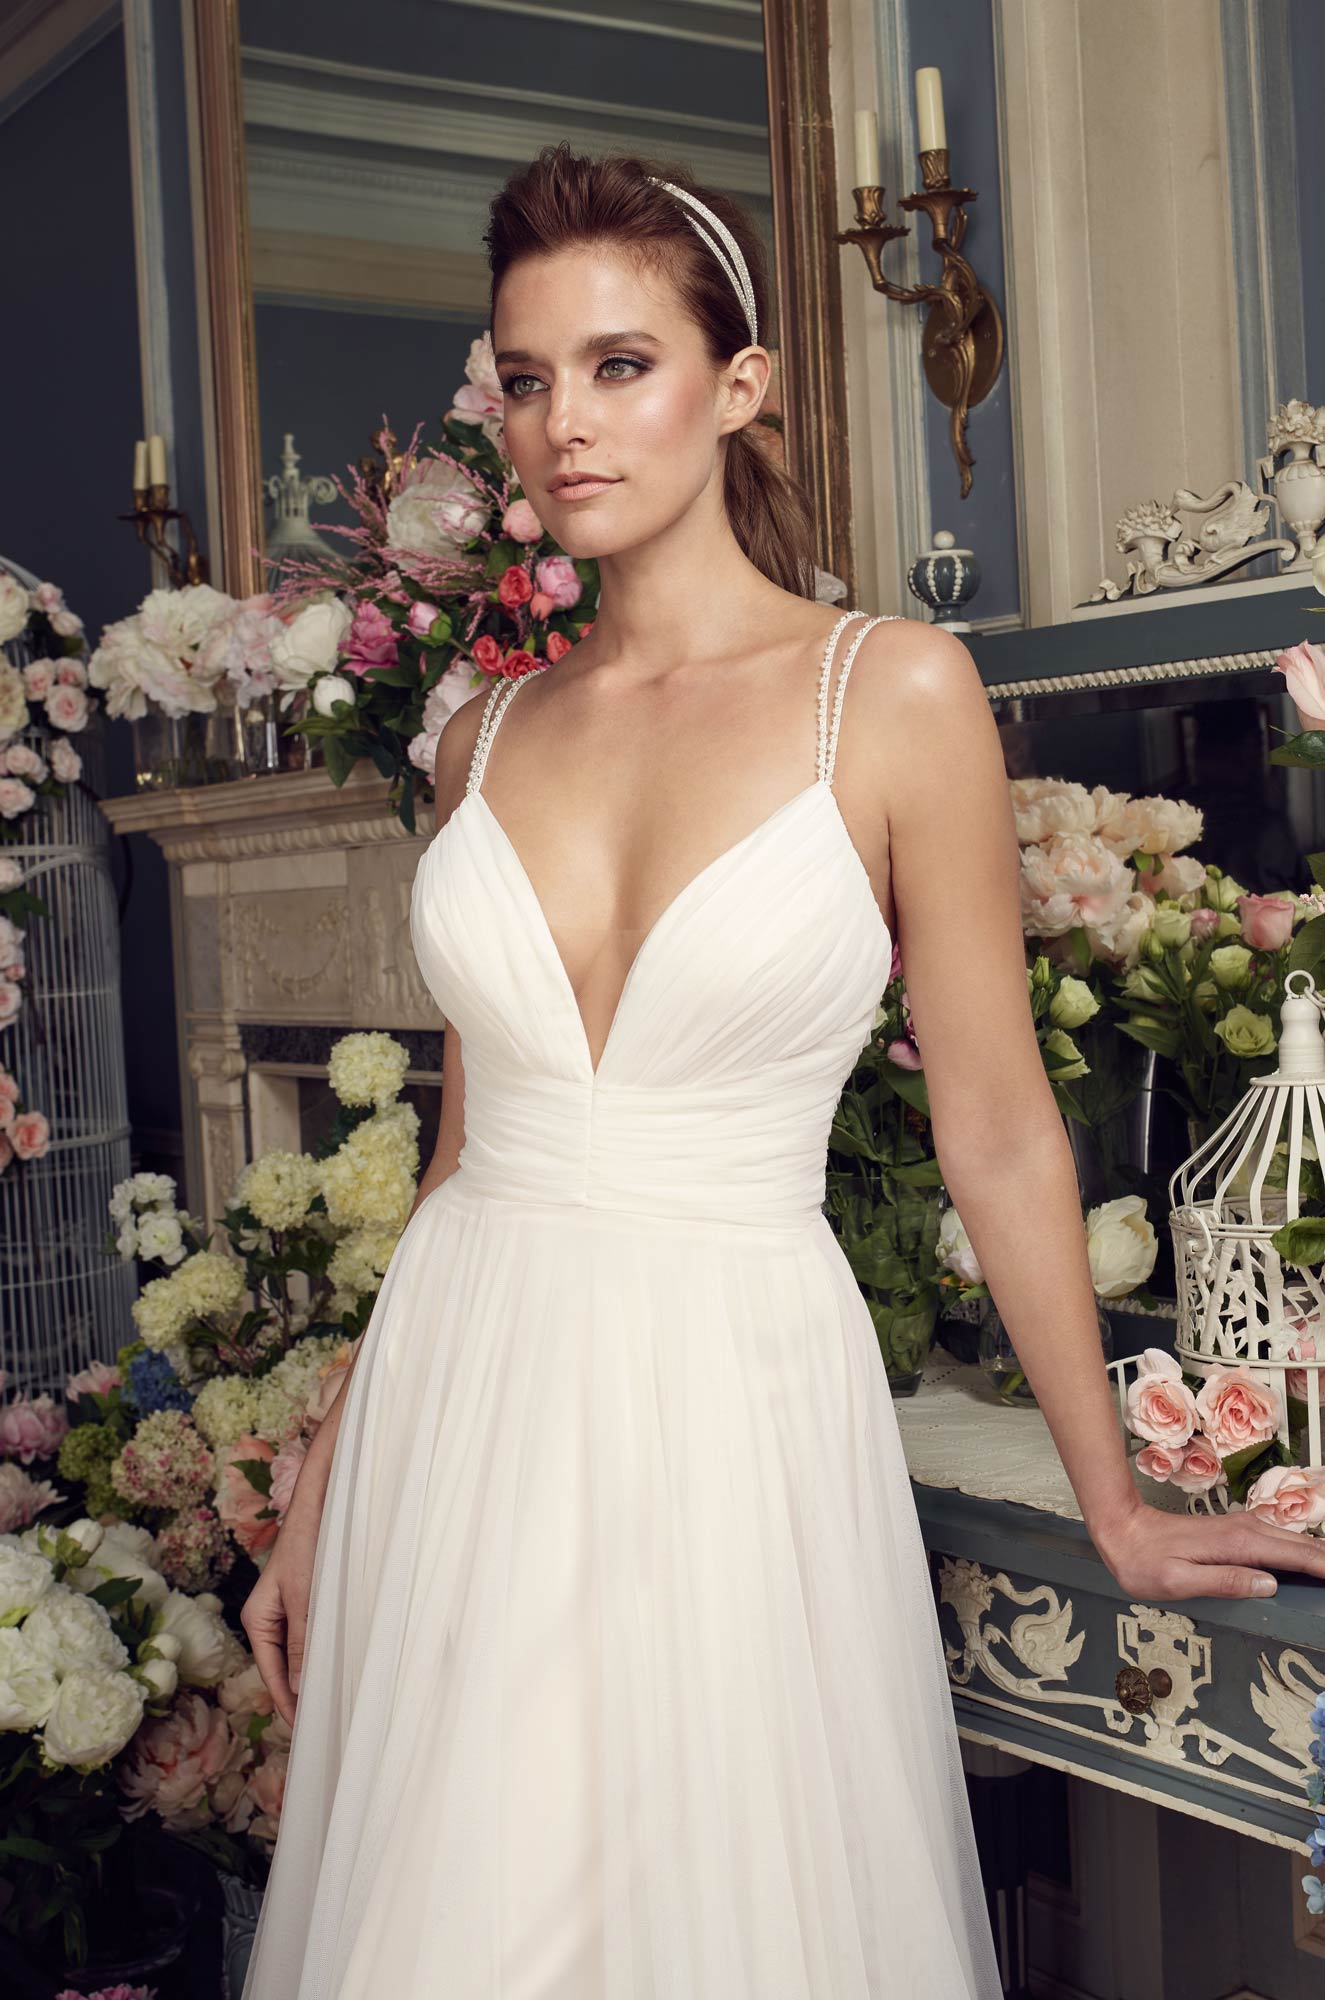 Gathered Tulle Wedding Dress - Style #2155 | Mikaella Bridal